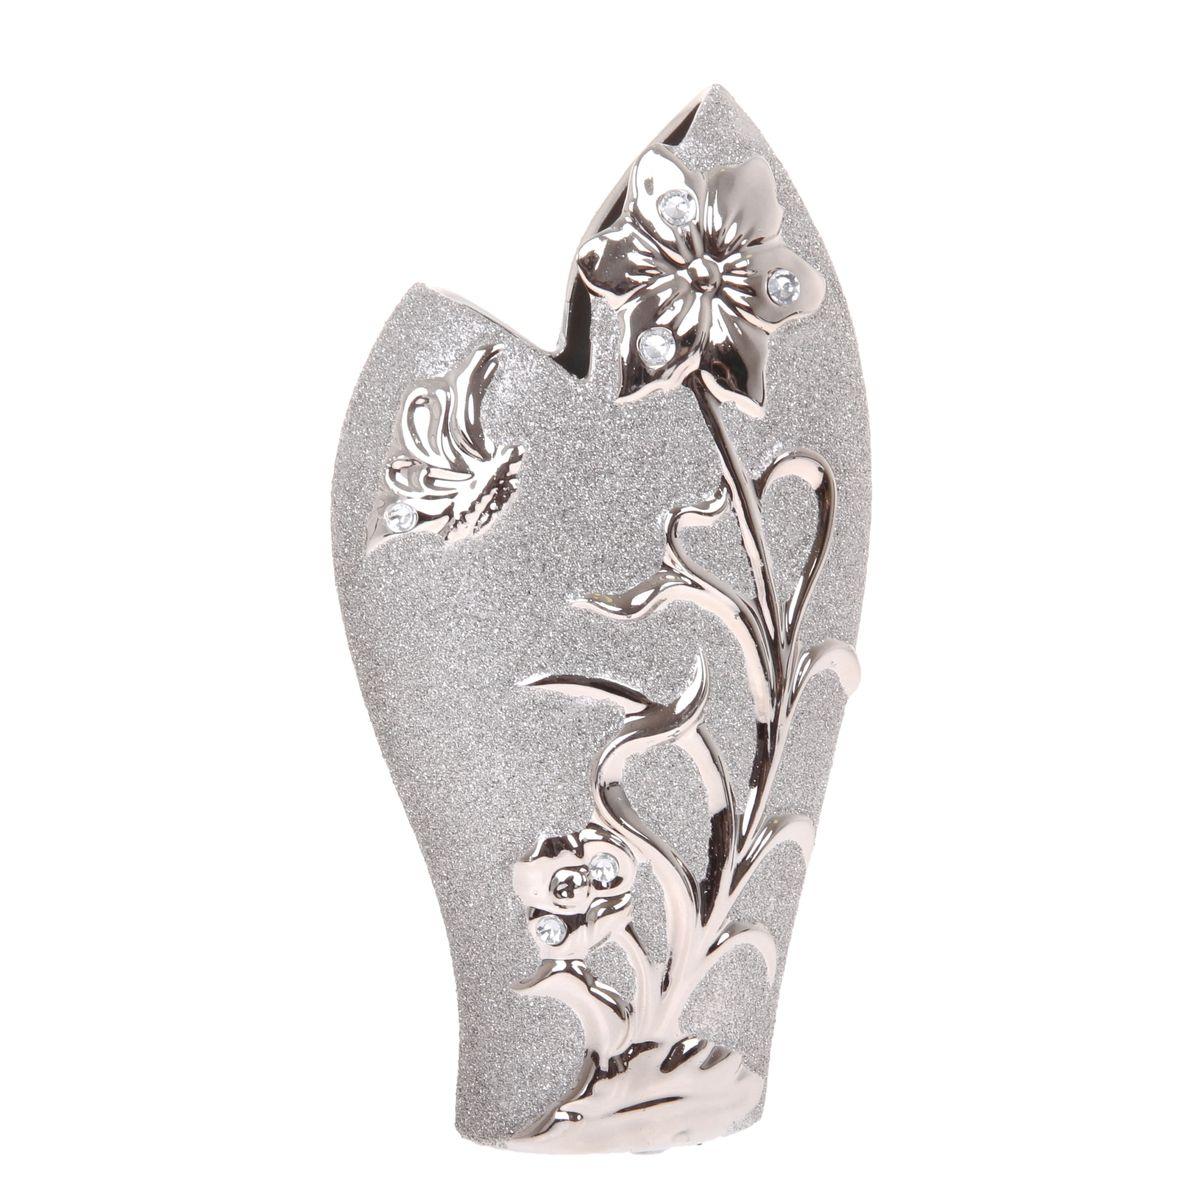 Ваза Sima-land Летнее настроение, высота 31 см865944Ваза Sima-land Летнее настроение, изготовленная из высококачественной керамики, декорирована блестками и стразами. Интересная форма и необычное оформление сделают эту вазу замечательным украшением интерьера. Она предназначена как для живых, так и для искусственных цветов. Любое помещение выглядит незавершенным без правильно расположенных предметовинтерьера. Они помогают создать уют, расставить акценты, подчеркнуть достоинства или скрытьнедостатки.